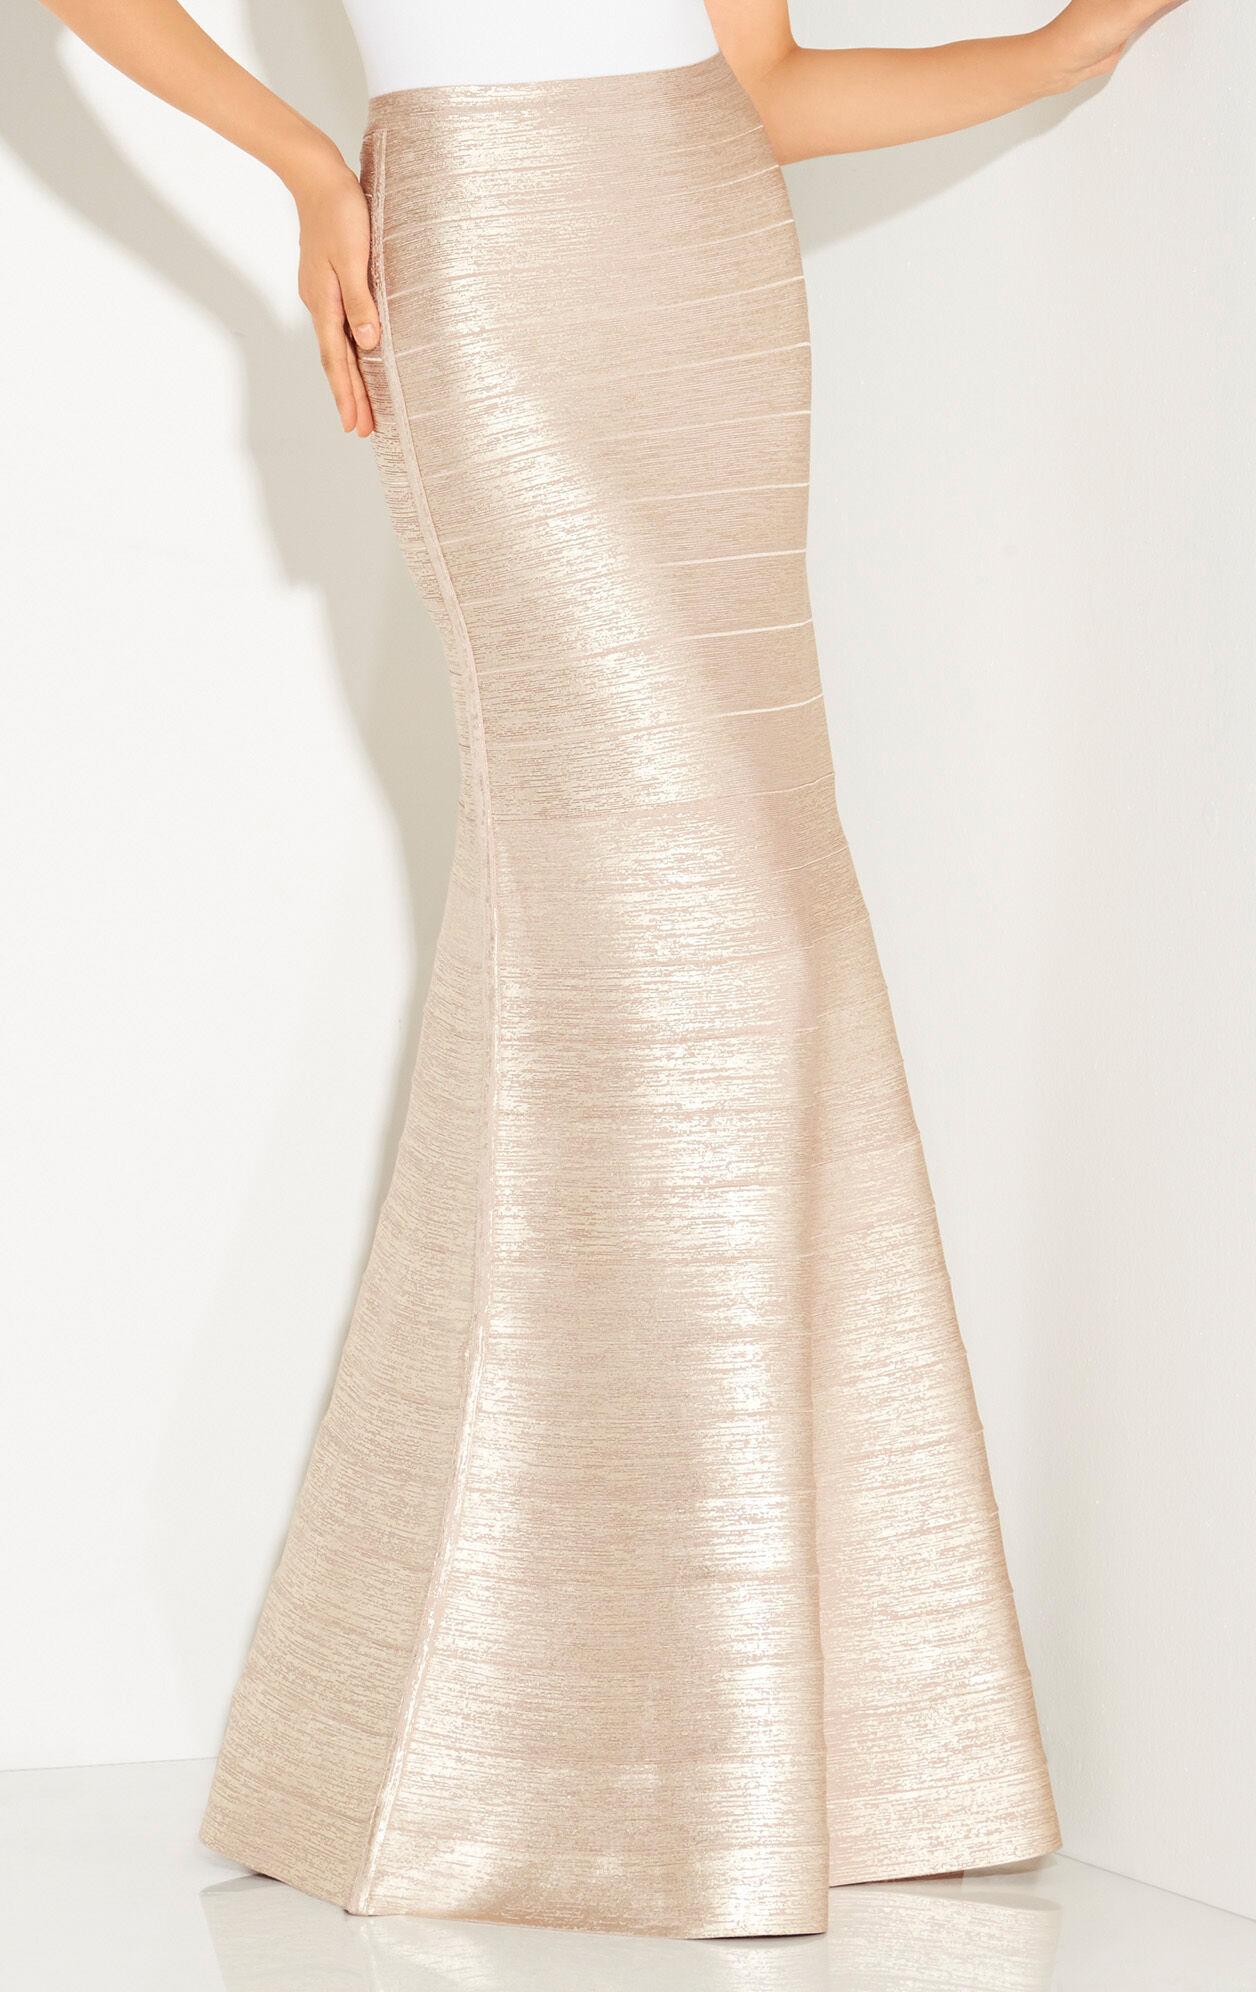 Juliena Metallic Foil Skirt